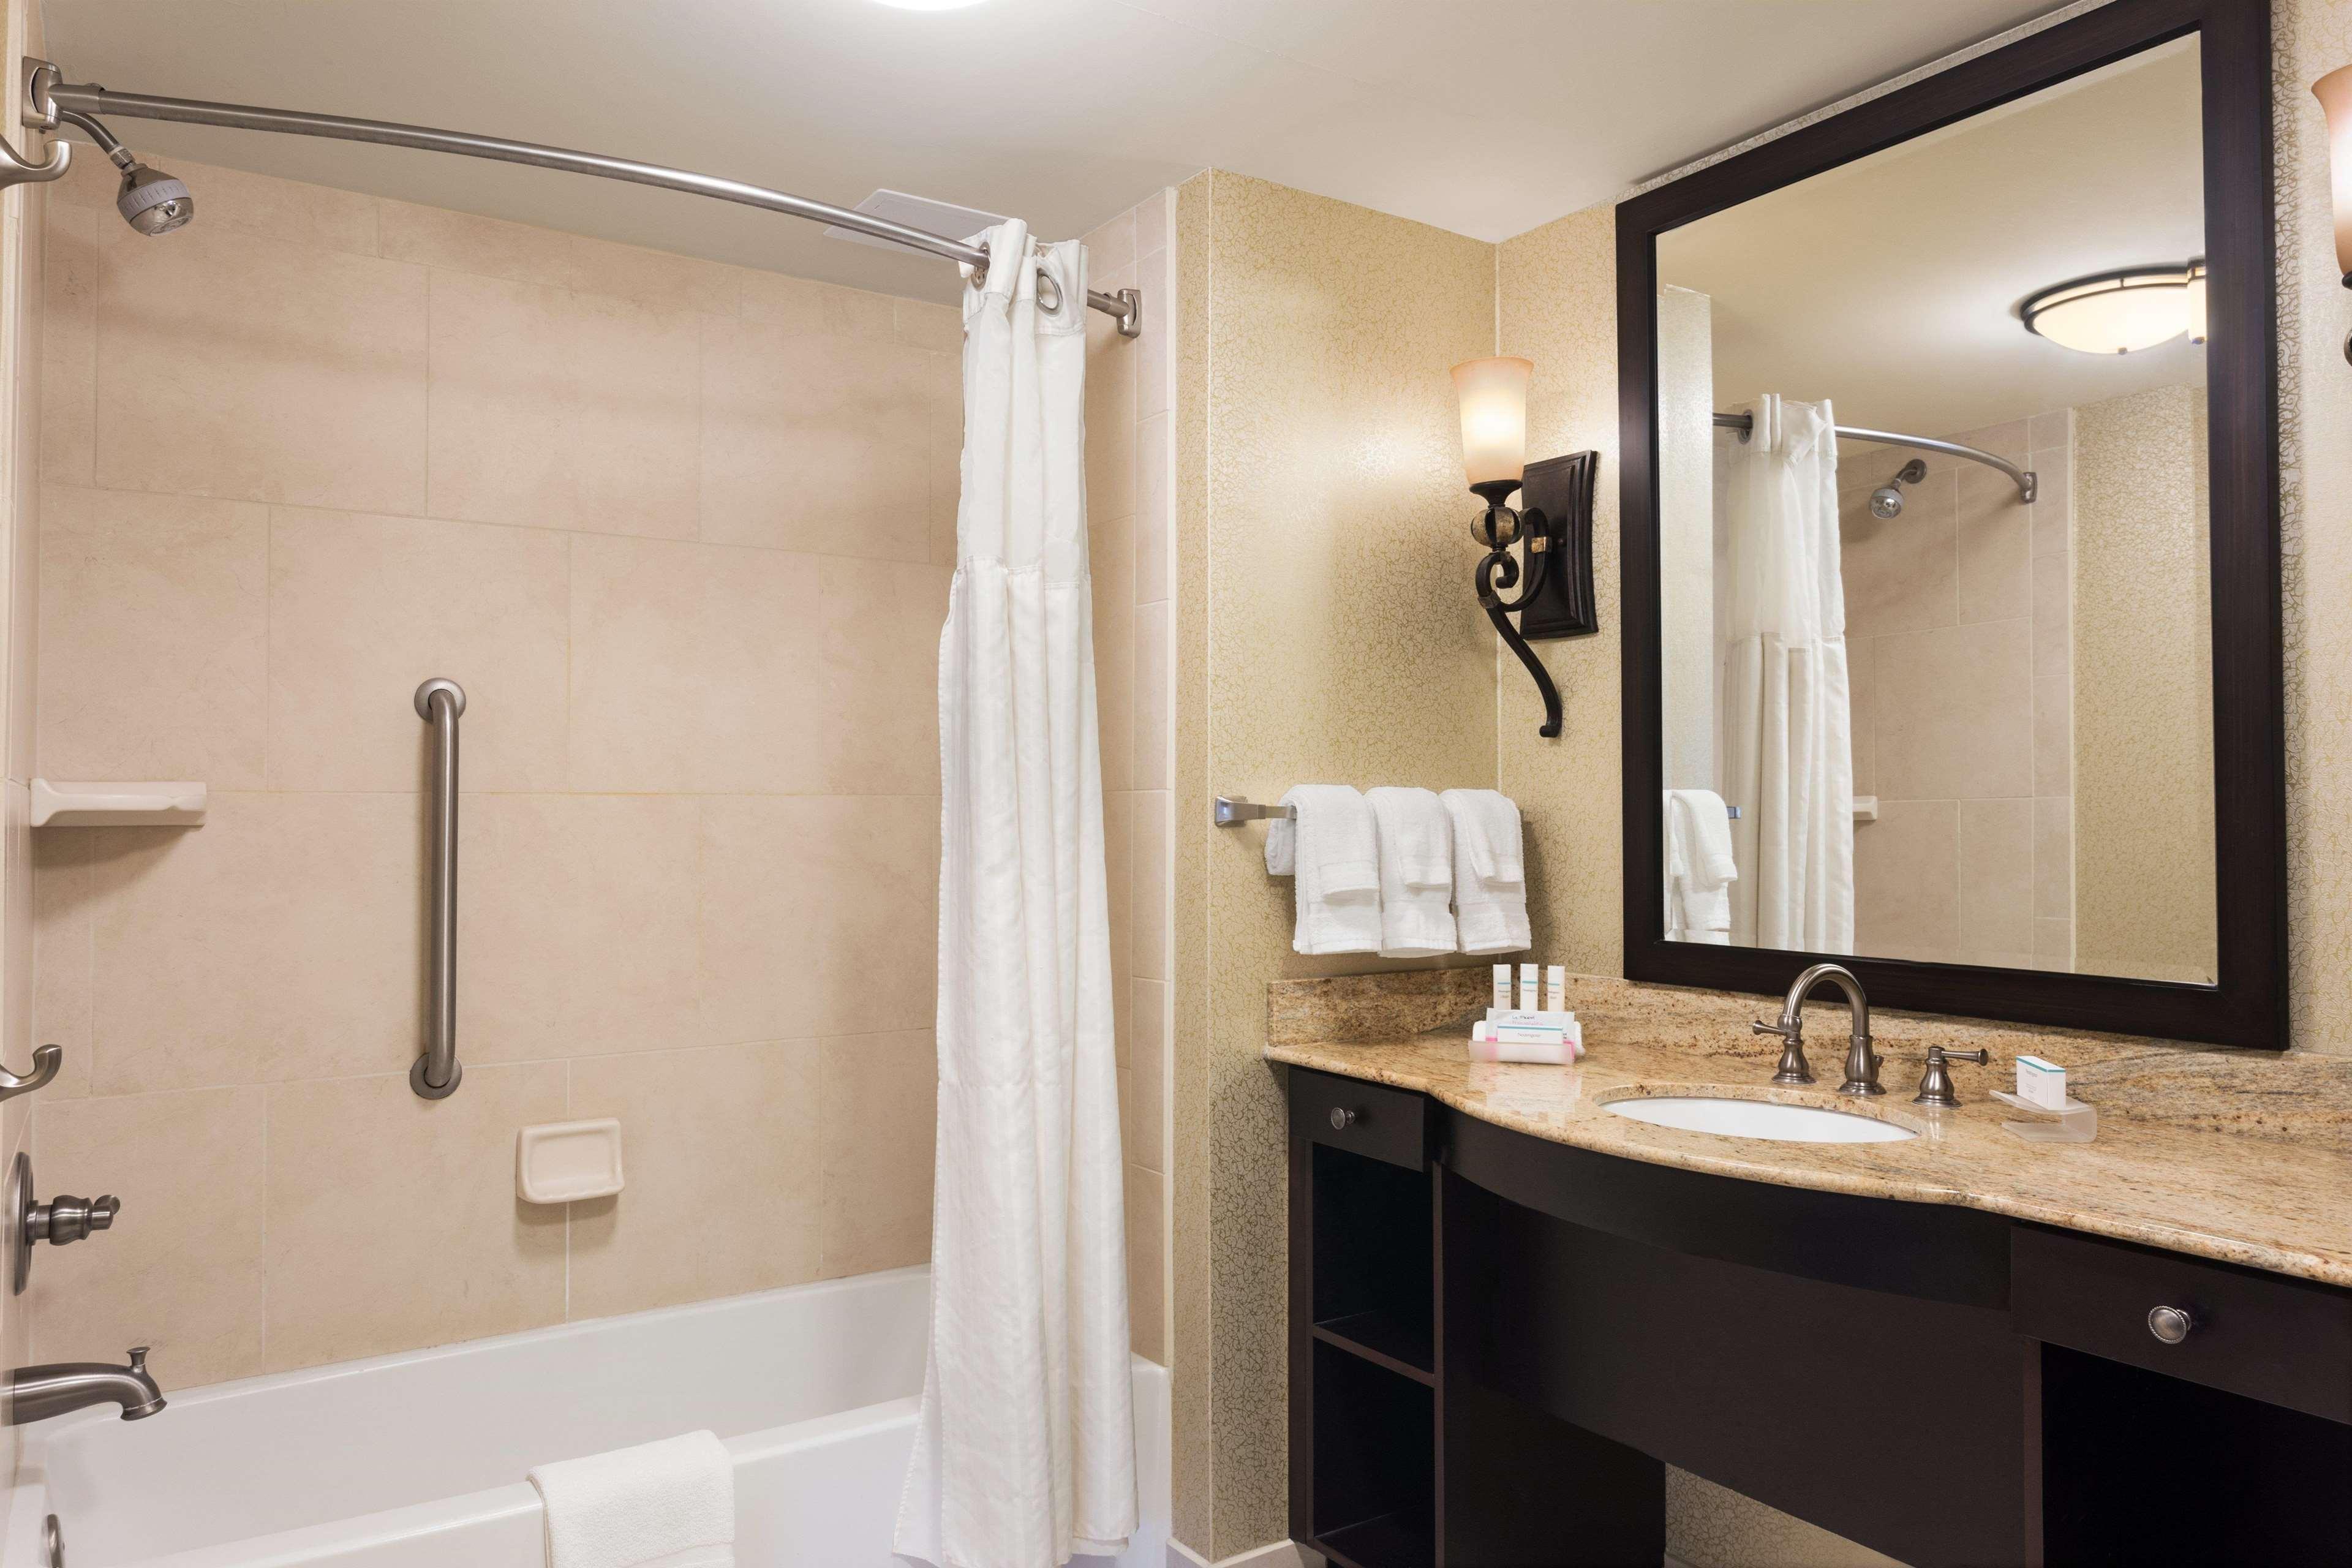 Homewood Suites by Hilton Lafayette-Airport, LA image 19